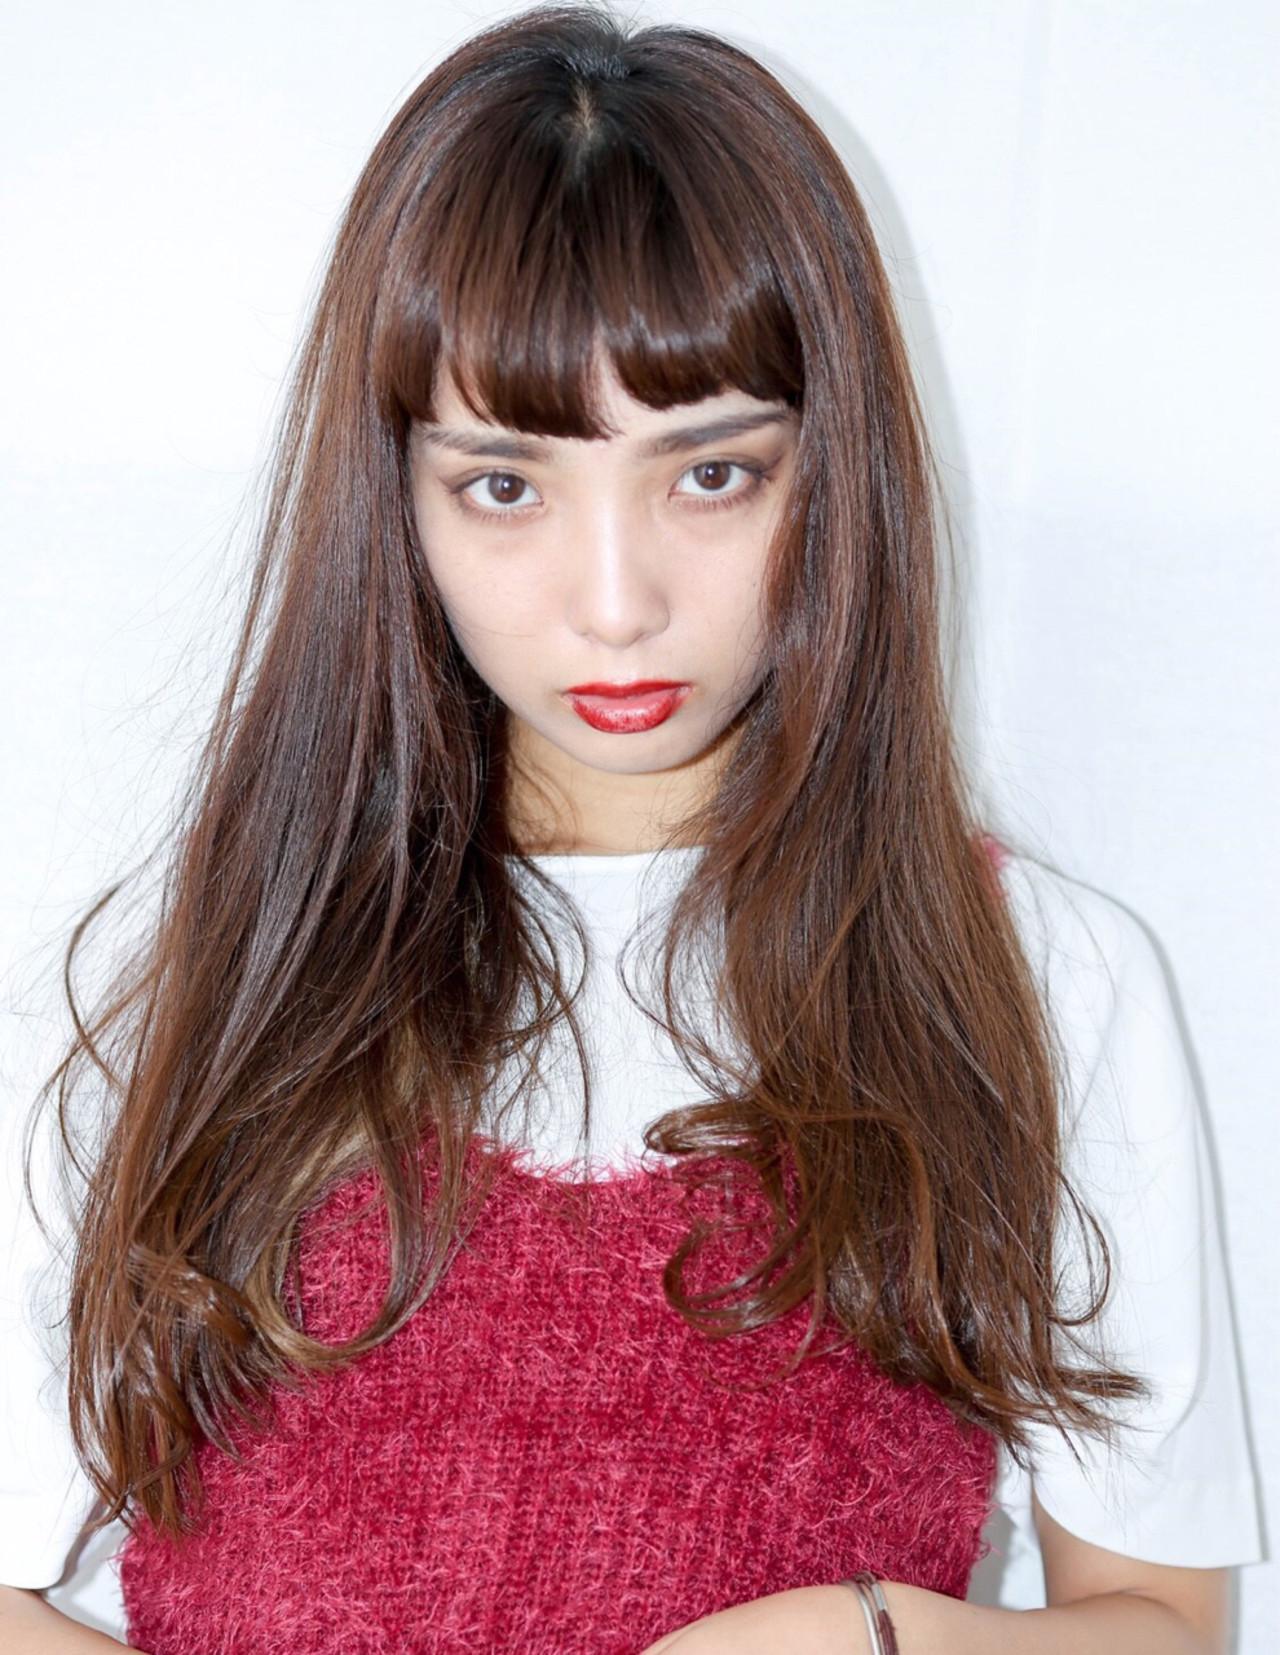 パッツン前髪を内巻きしてアンニュイな雰囲気に Obayashi Natsumi